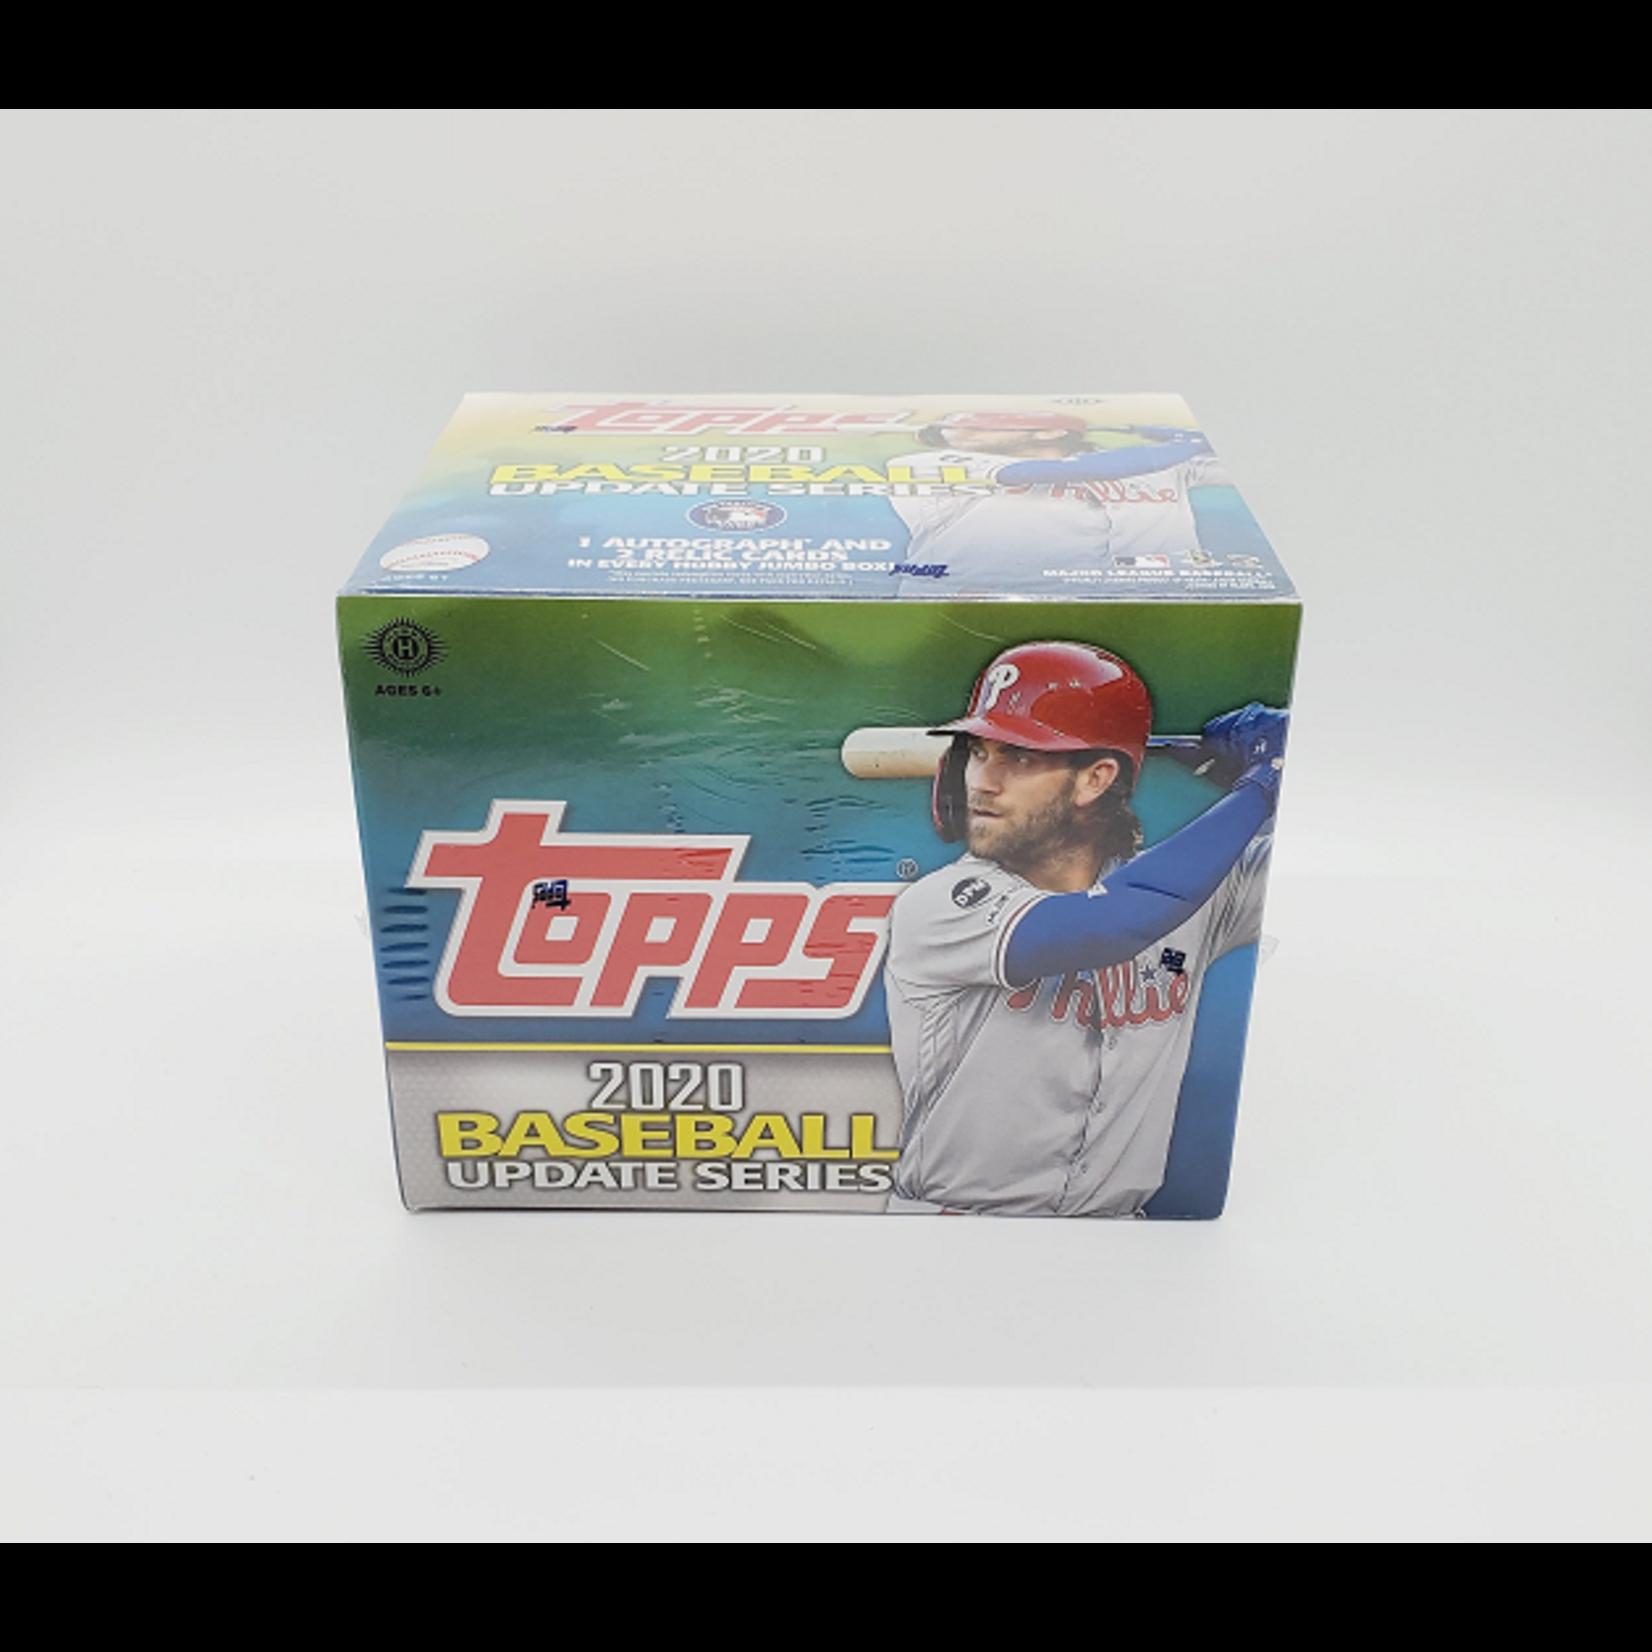 Topps 2020 Topps Update Series Baseball Jumbo Box